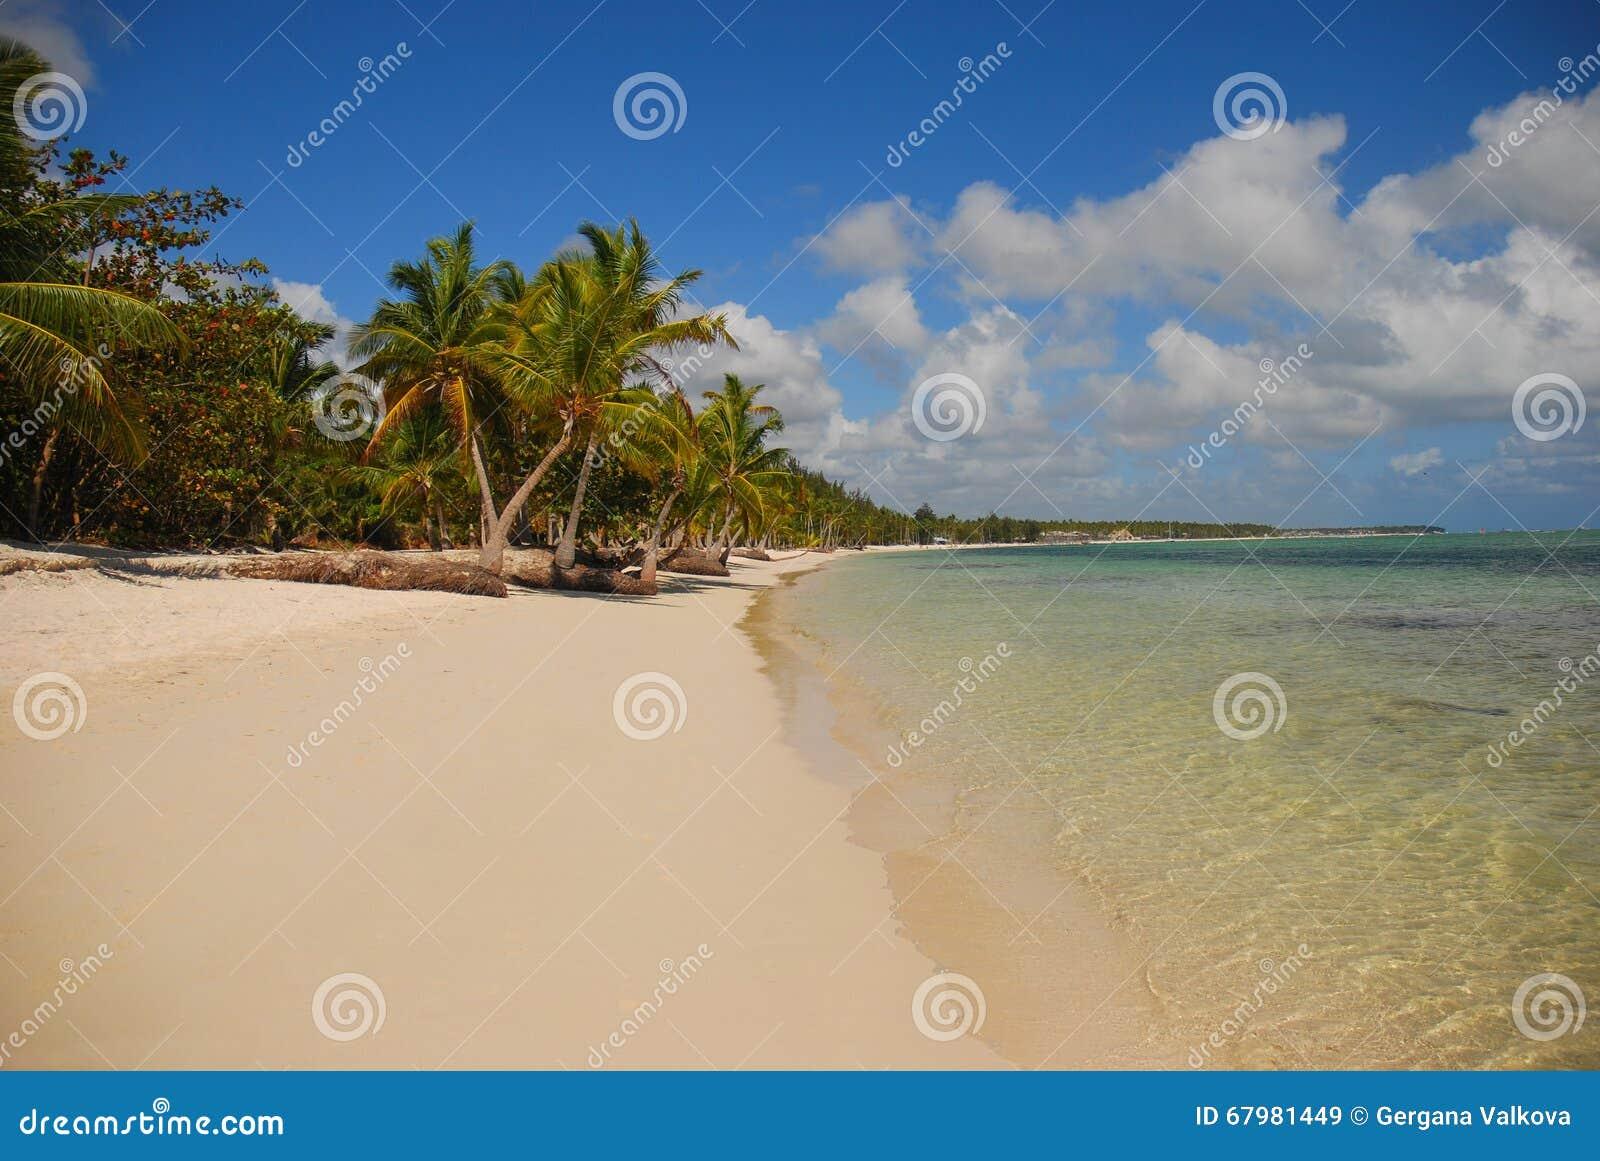 Palmiers et plage sablonneuse en République Dominicaine